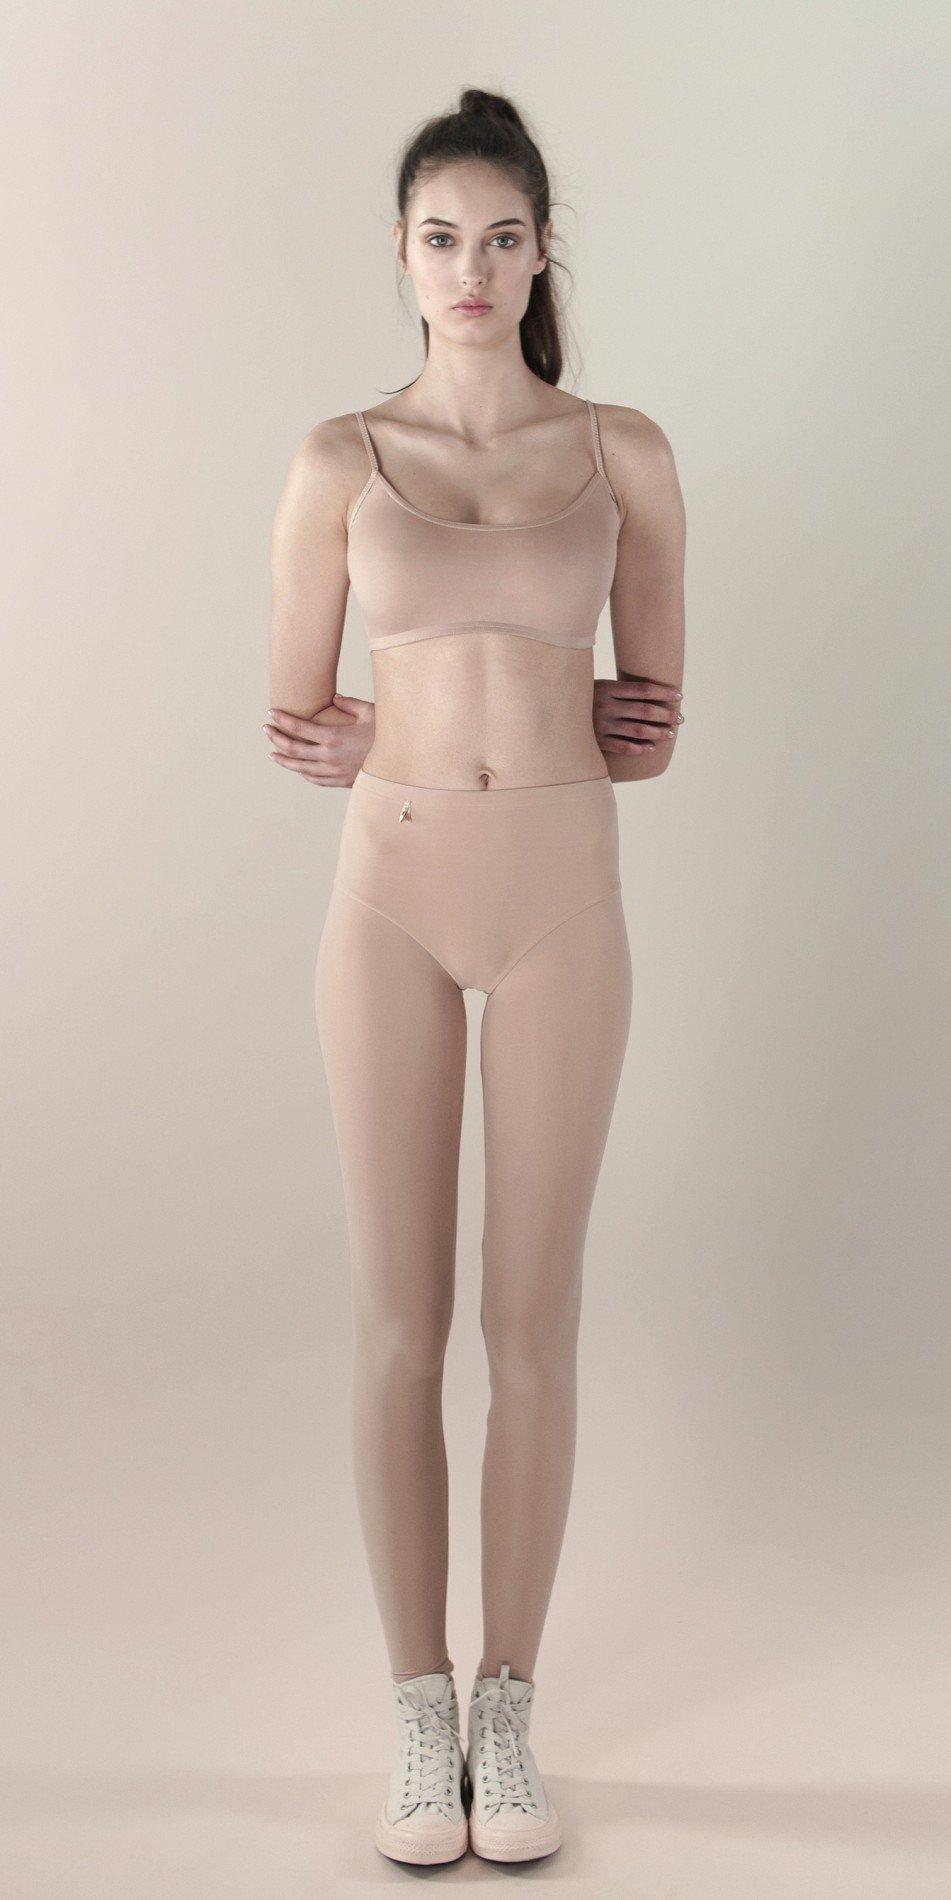 skinky nude leggings 3